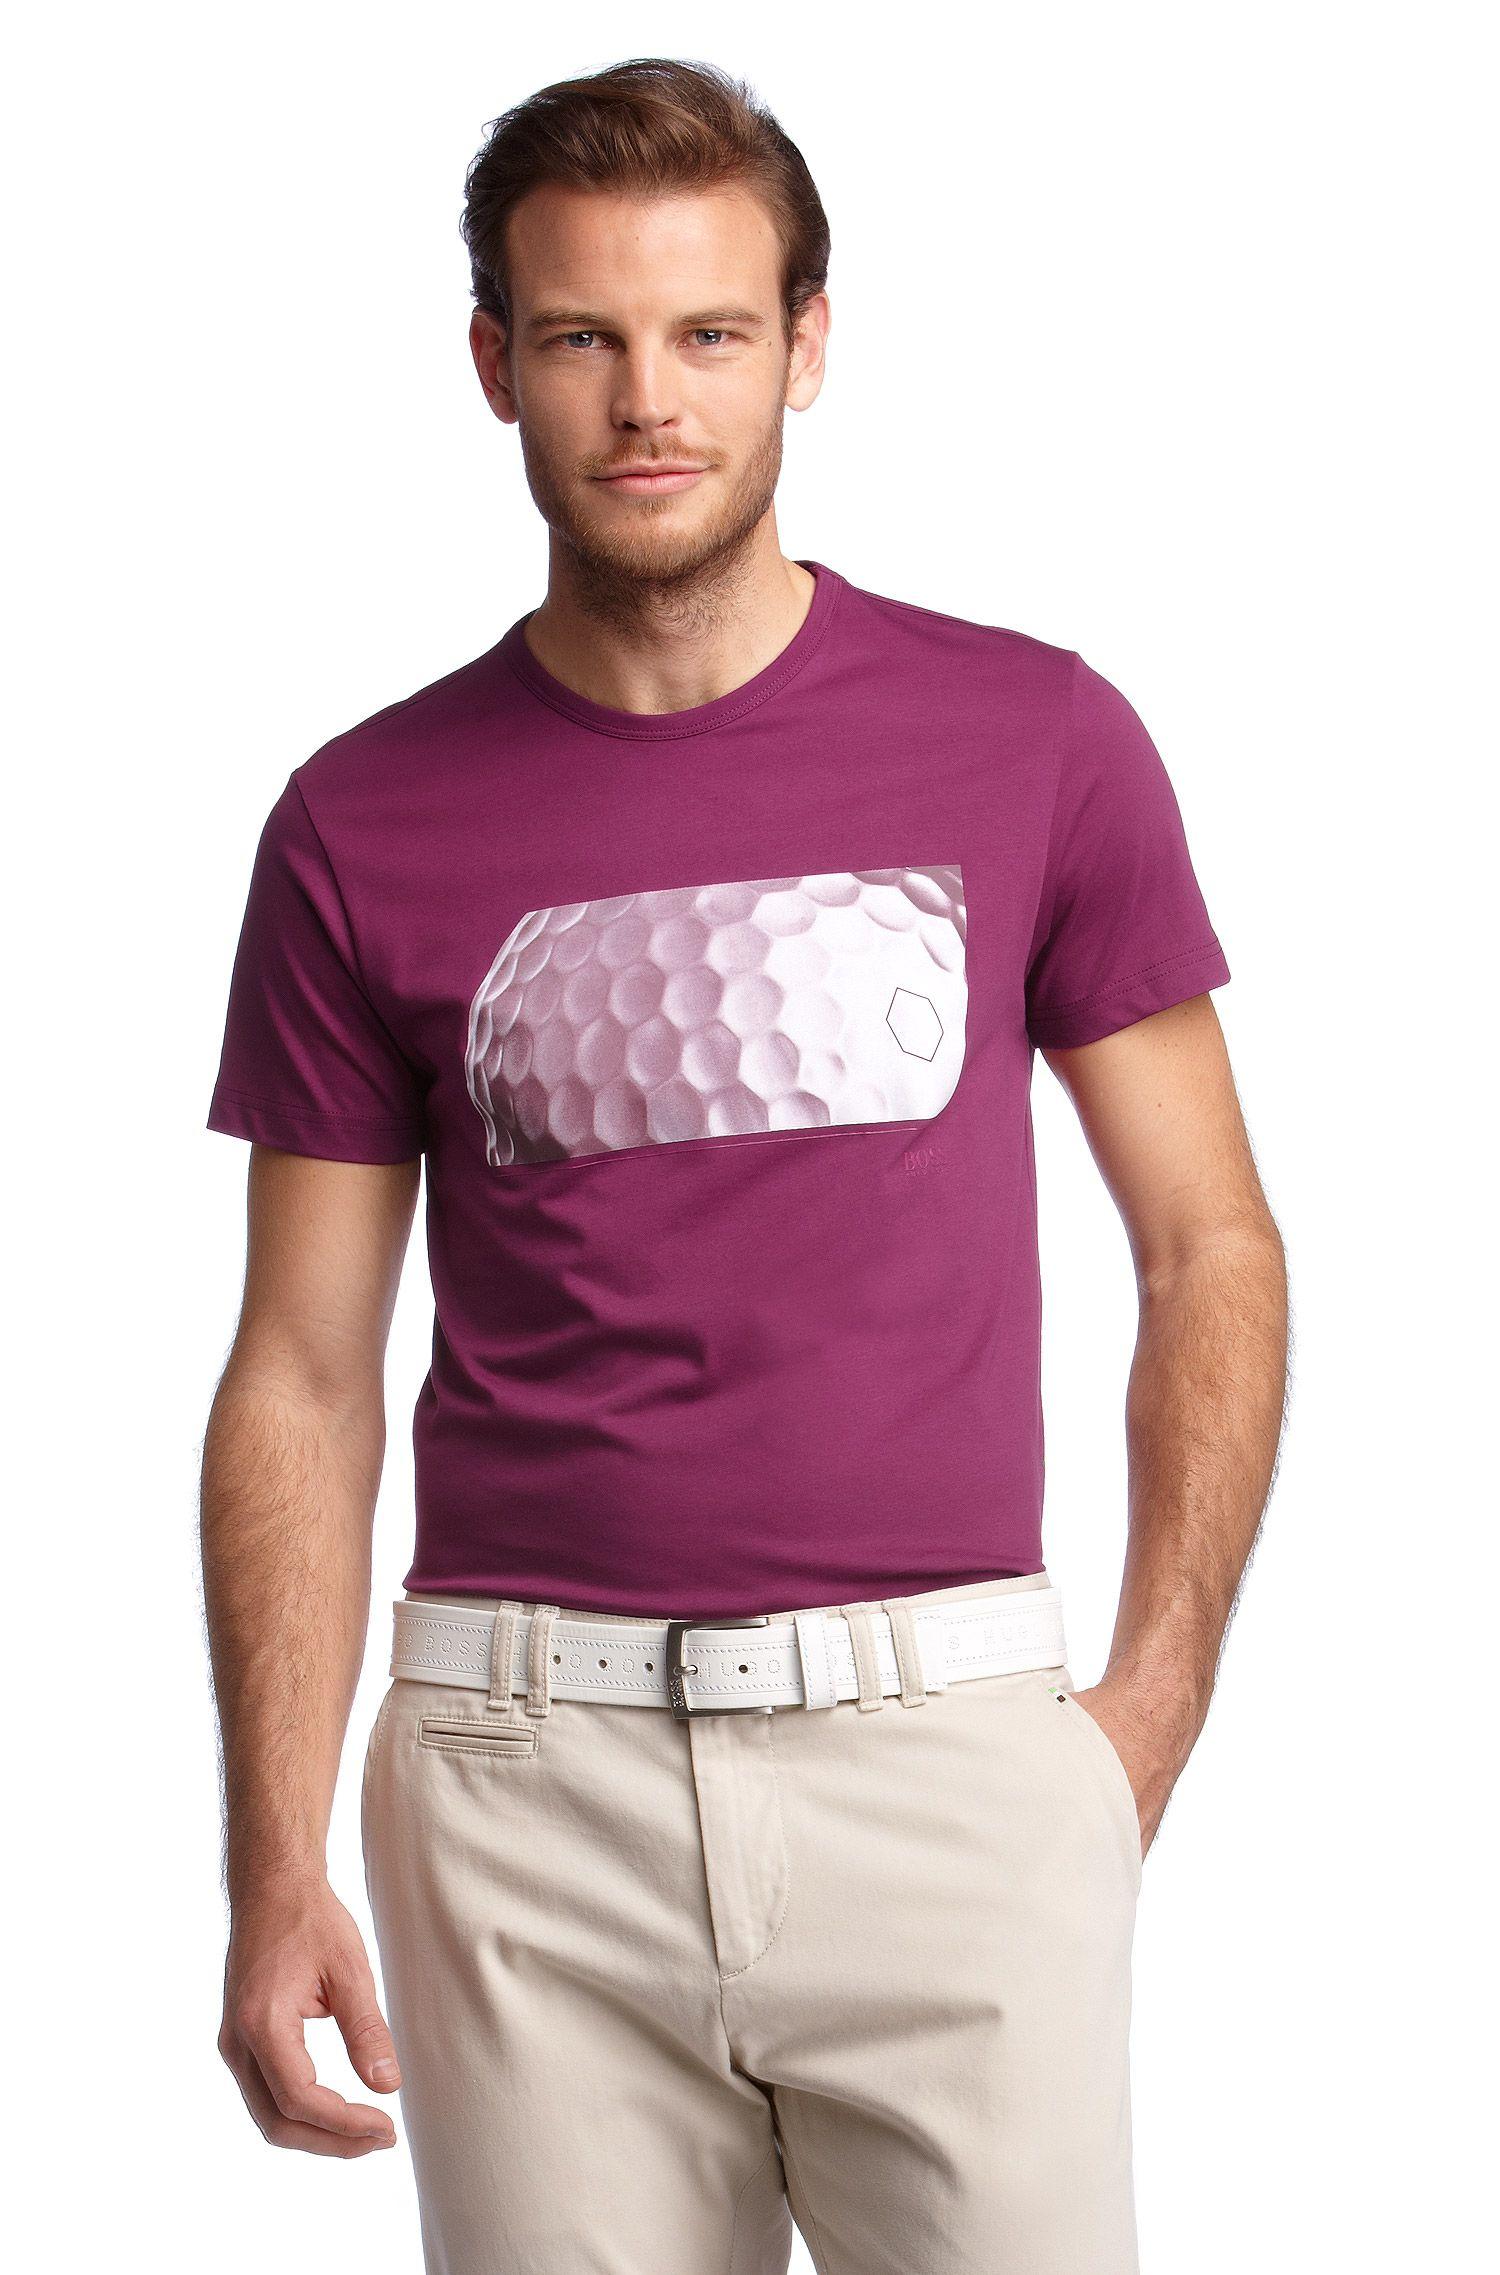 T-shirt à imprimé tendance, Tee MK